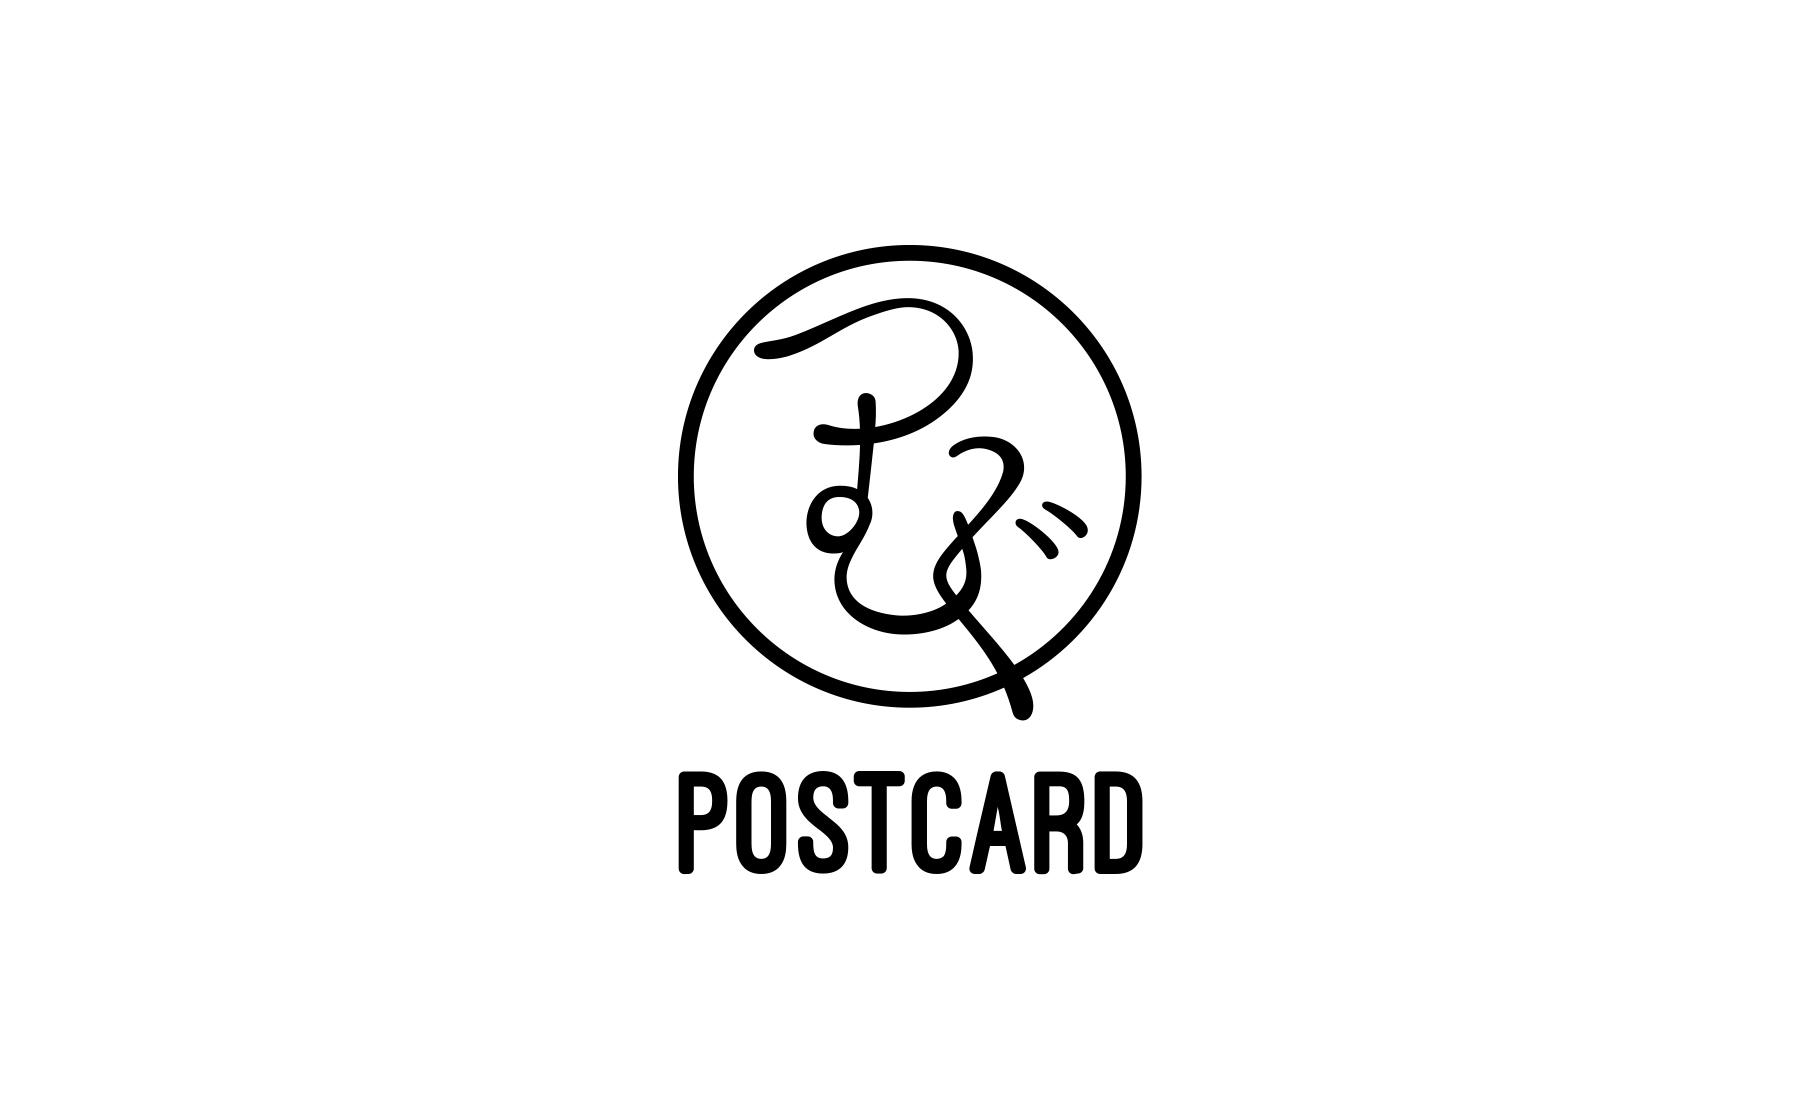 北海道新聞 2020年7月17日朝刊 で「つむぐポストカード」が紹介されました